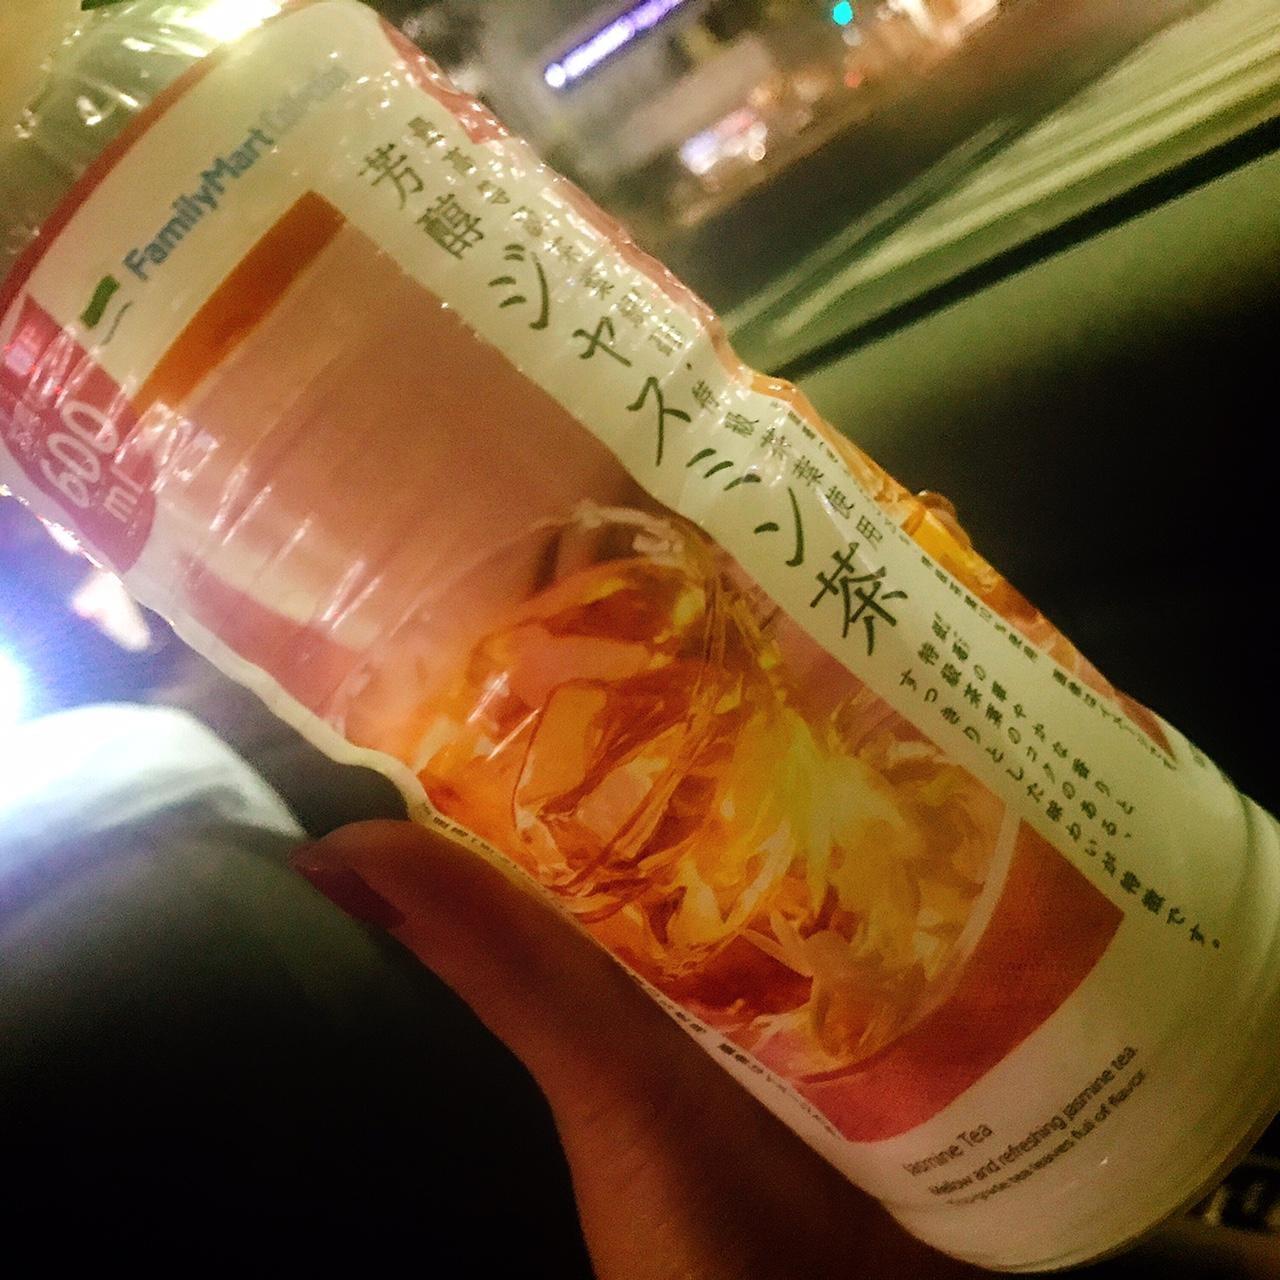 「おやすみなさい☆」04/24(水) 23:59 | 名波 里帆の写メ・風俗動画